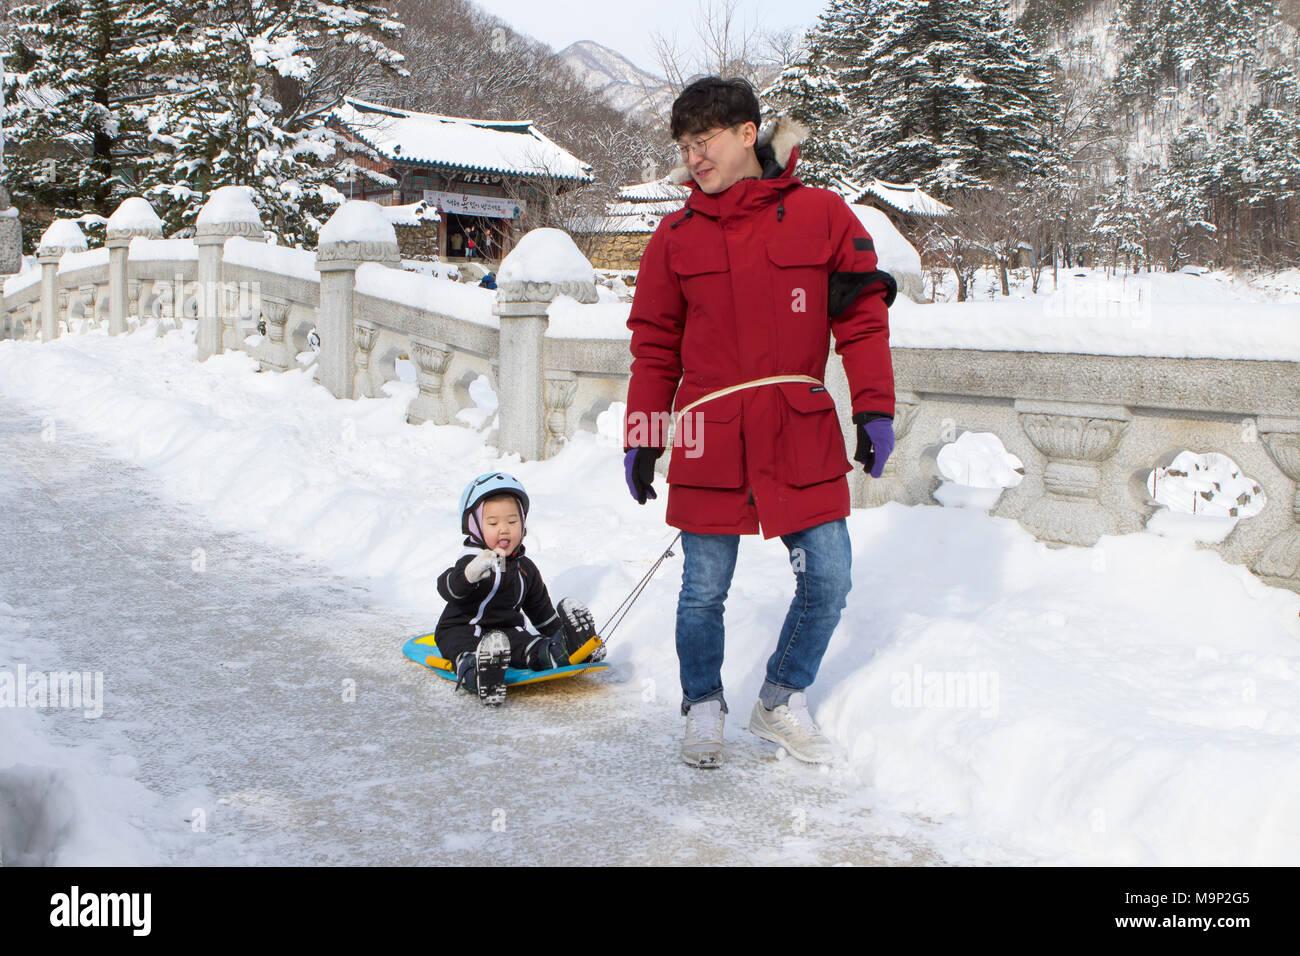 Il padre è il traino il suo bambino su una slitta su un ponte in pietra i boschi innevati del Seoraksan National Park, Gangwon-do, la Corea del Sud. Sullo sfondo di un tempio buddista. Seoraksan è un bellissimo e iconico Parco Nazionale delle montagne vicino Sokcho nella regione del Gangwon-do di Corea del Sud. Il nome si riferisce a balze innevate montagne. Insieme contro il paesaggio sono due templi buddisti: Sinheung-sa e Beakdam-sa. Questa regione è di ospitare le Olimpiadi invernali nel febbraio 2018. Immagini Stock